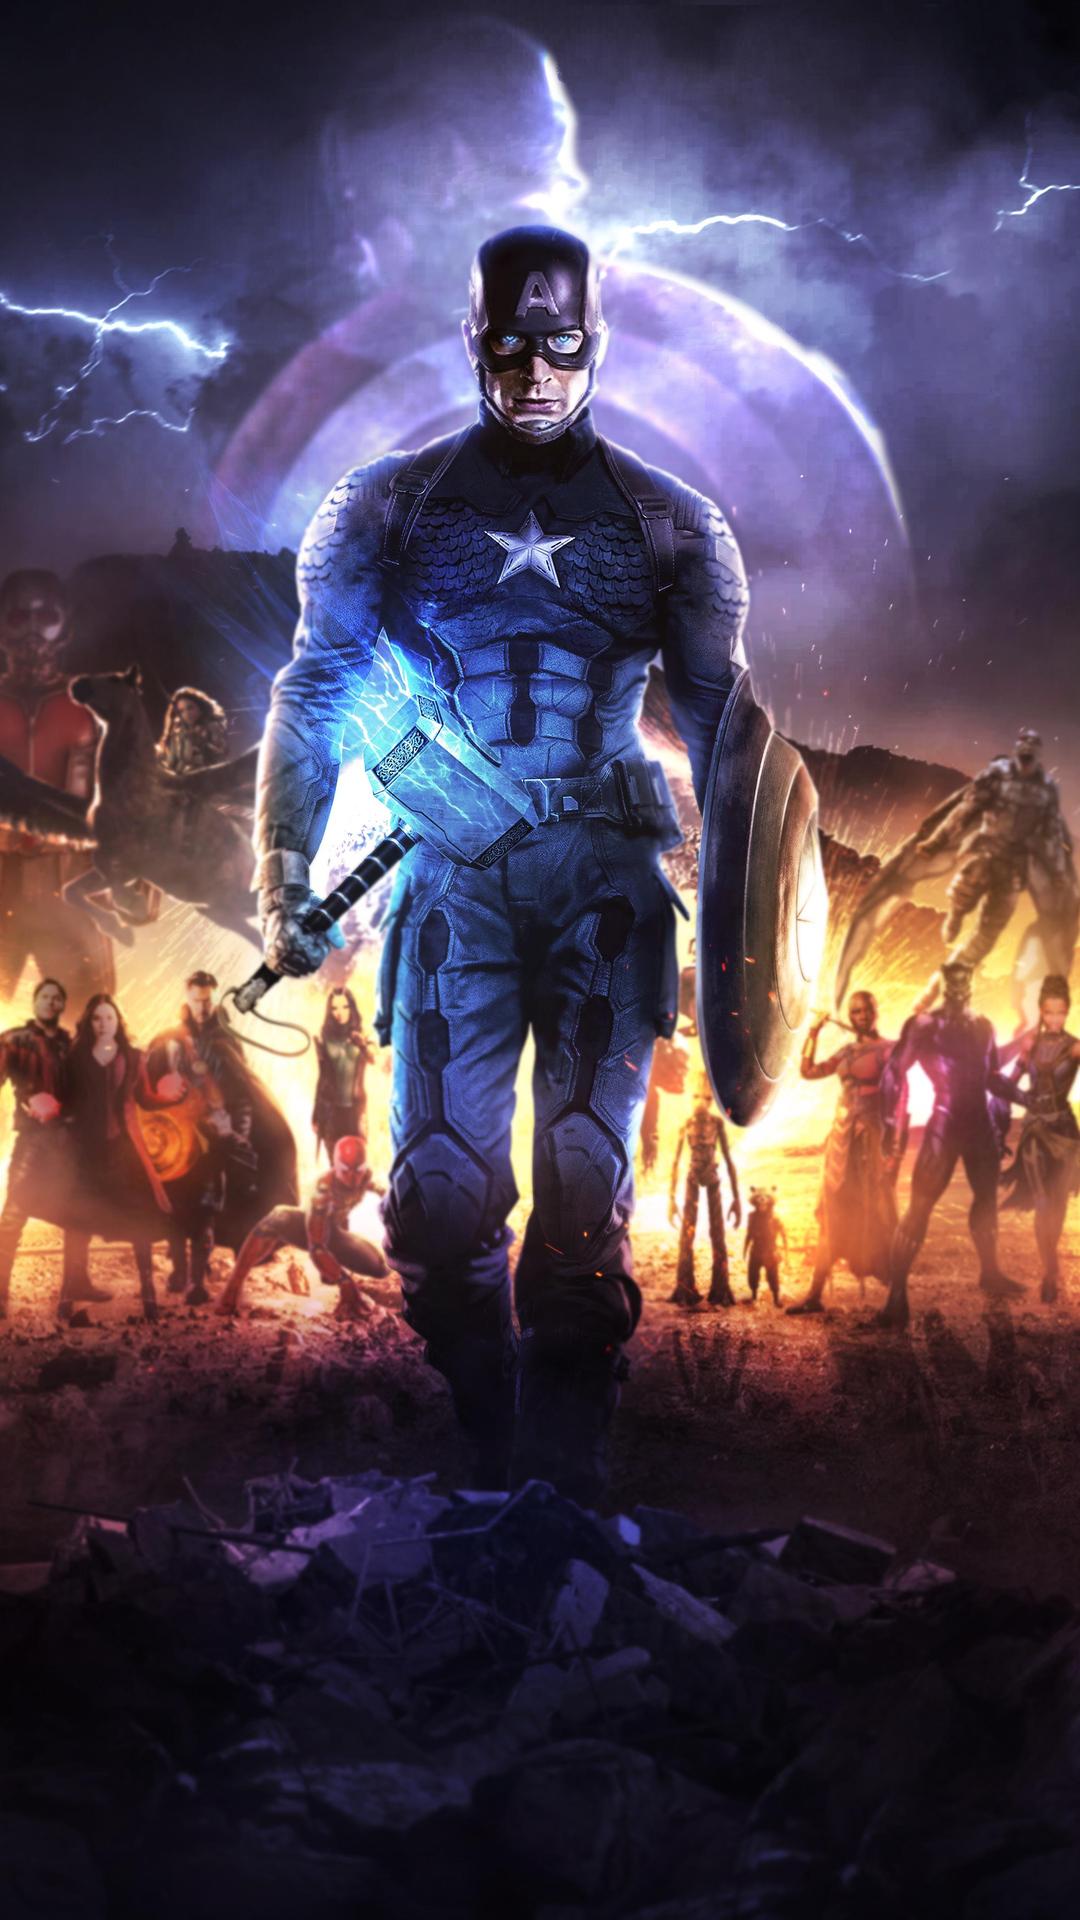 1080x1920 4k Captain America In Avengers Endgame Iphone 7 ...